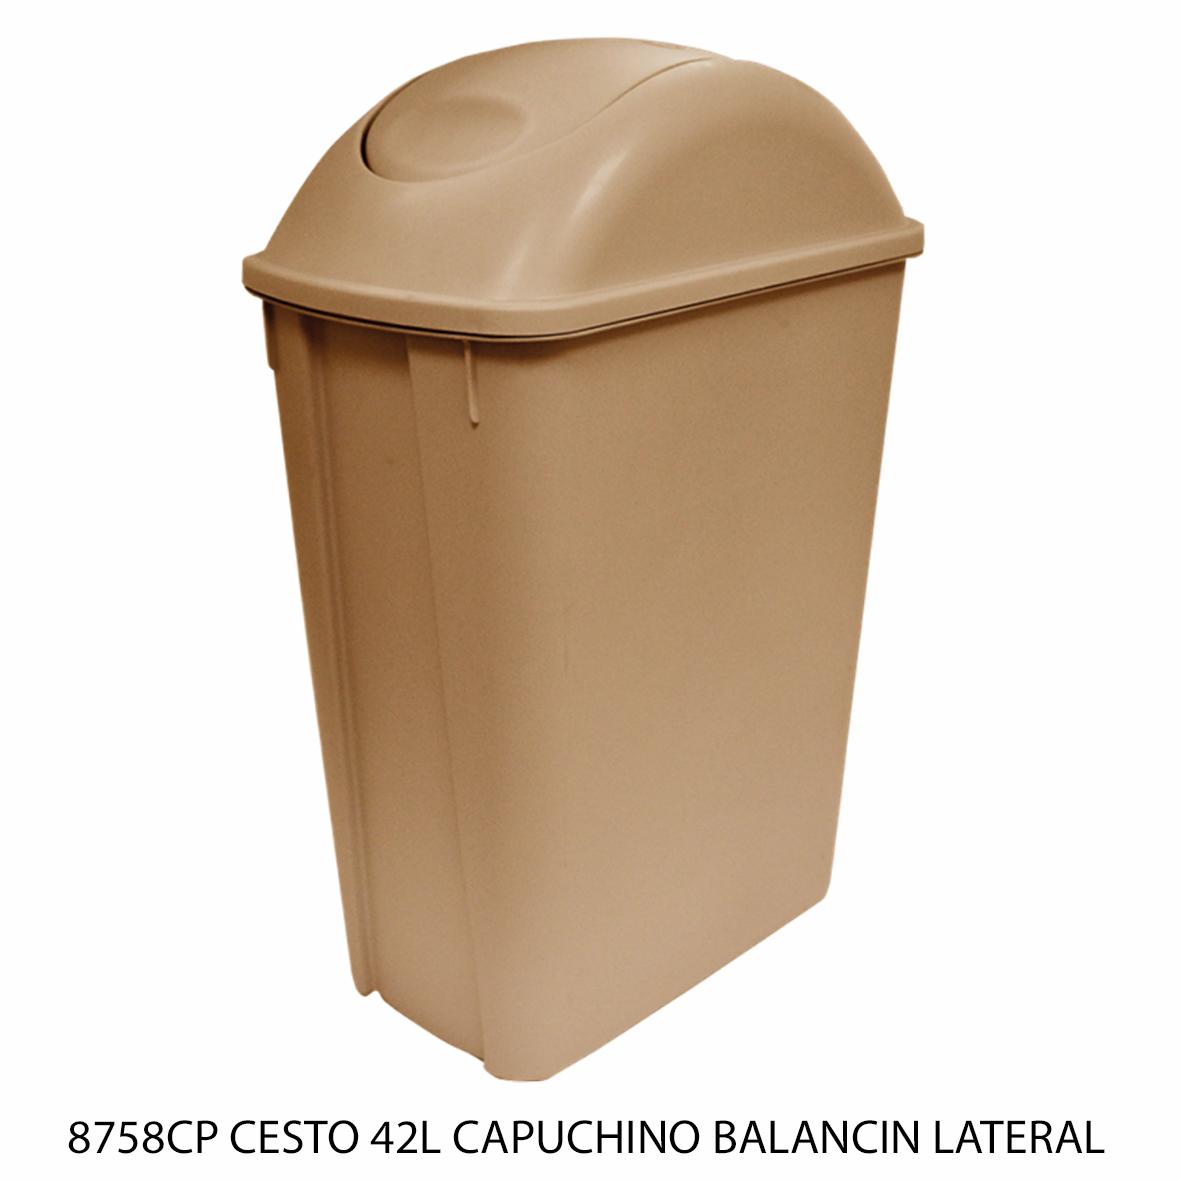 Bote de basura mediano de 42 litros con balancín lateral color capuchino modelo 8758CP de Sablón